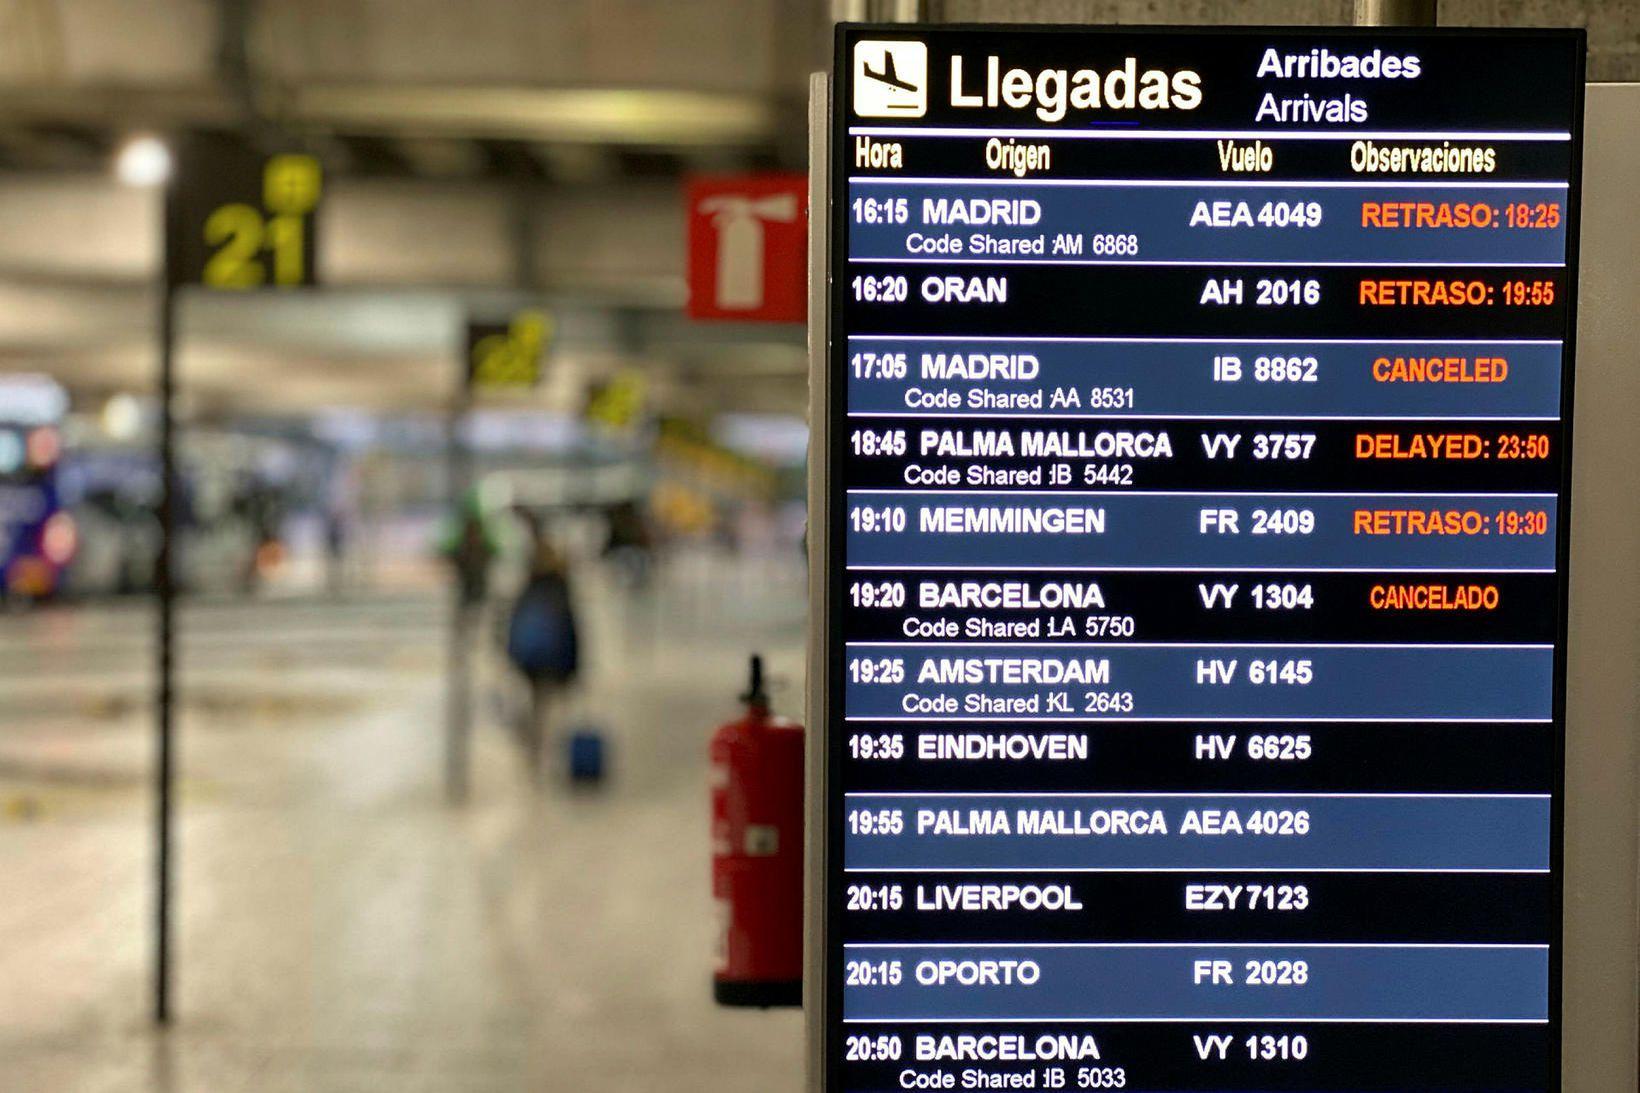 Upplýsingaskilti á flugvellinum á Alicante.